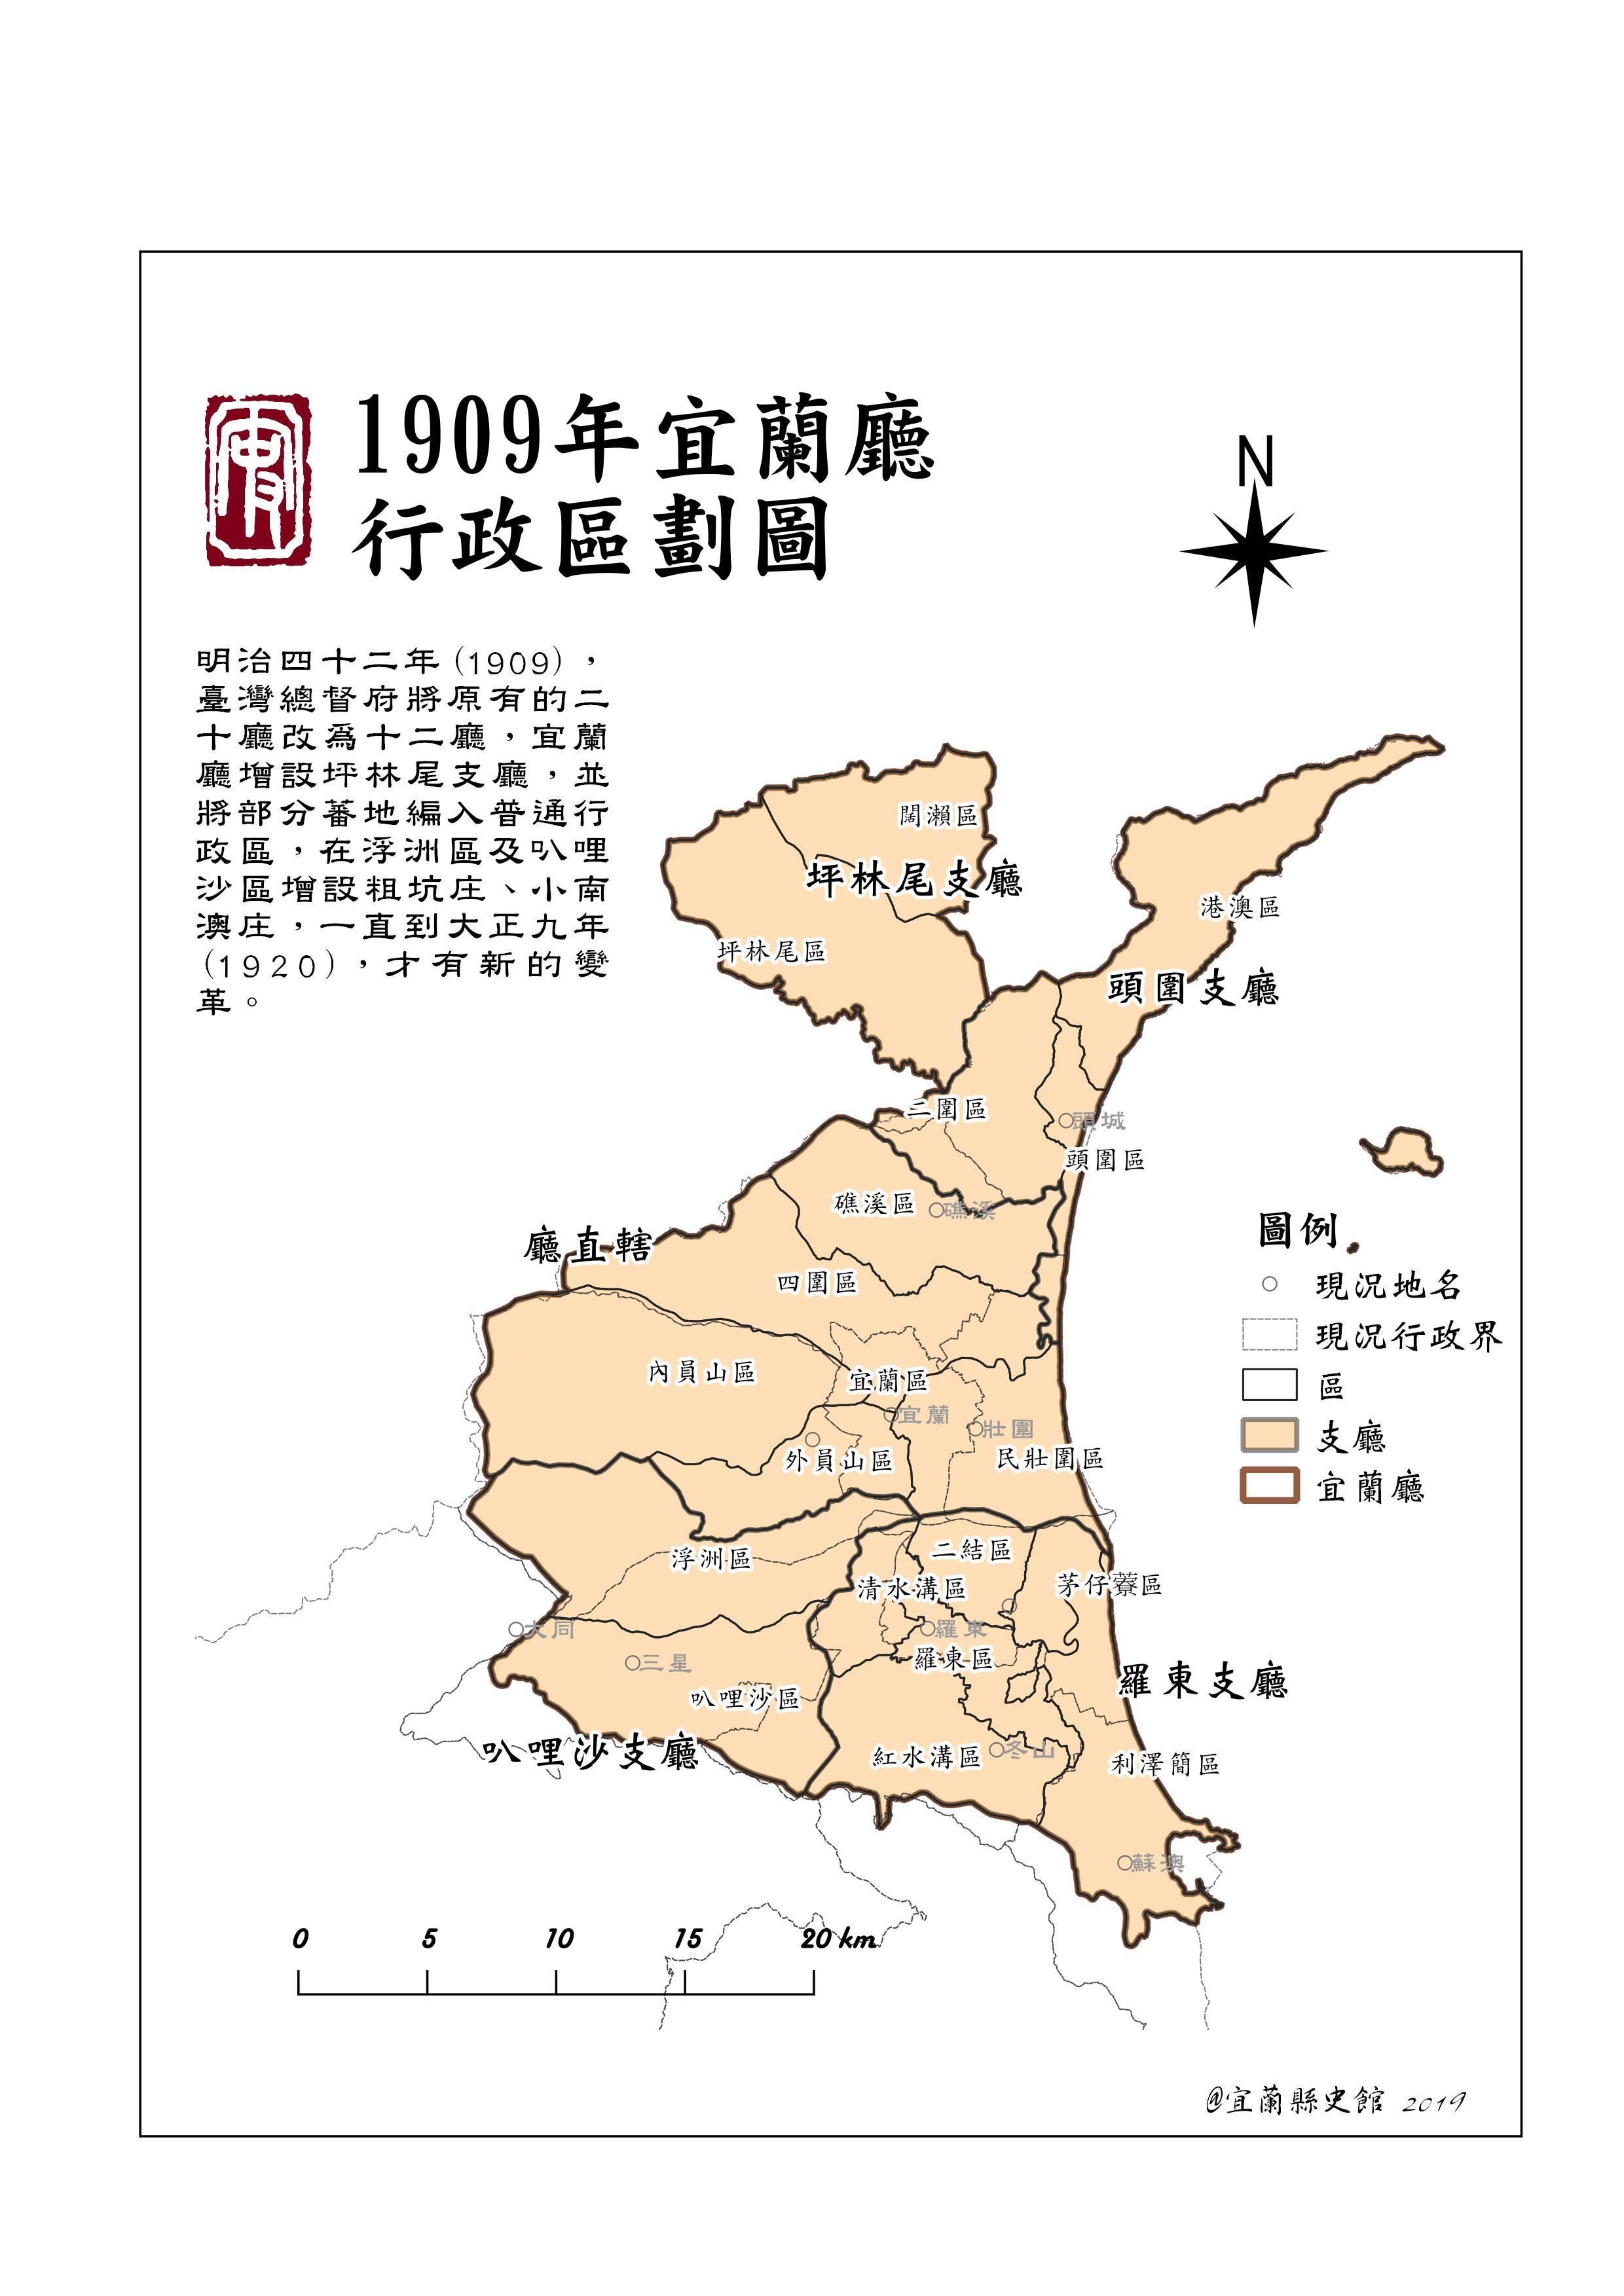 1909年宜蘭廳行政區劃圖